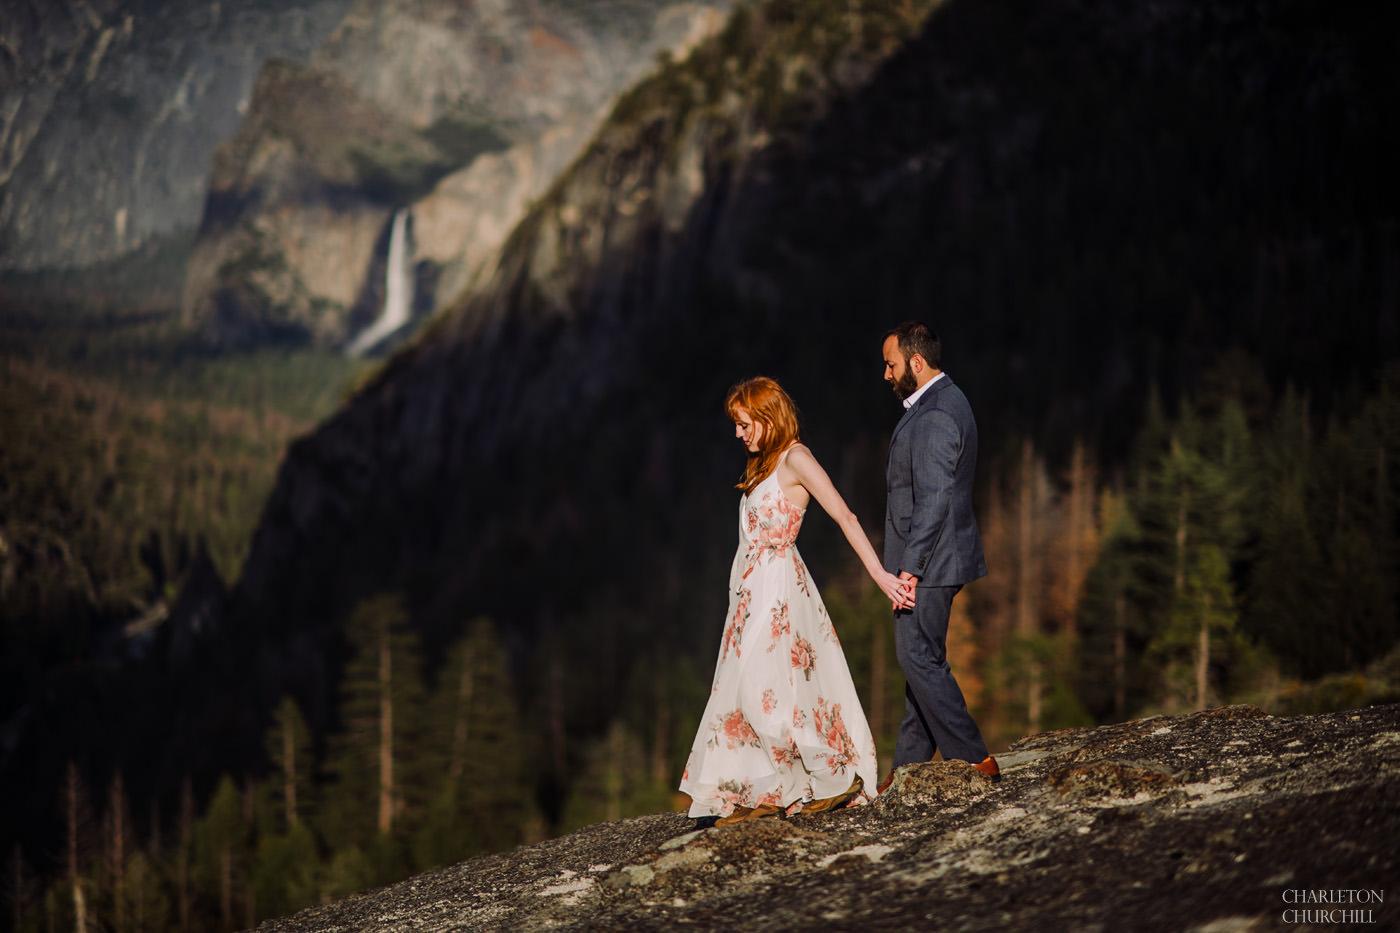 epic boho styled engagement photos in Yosemite National Park